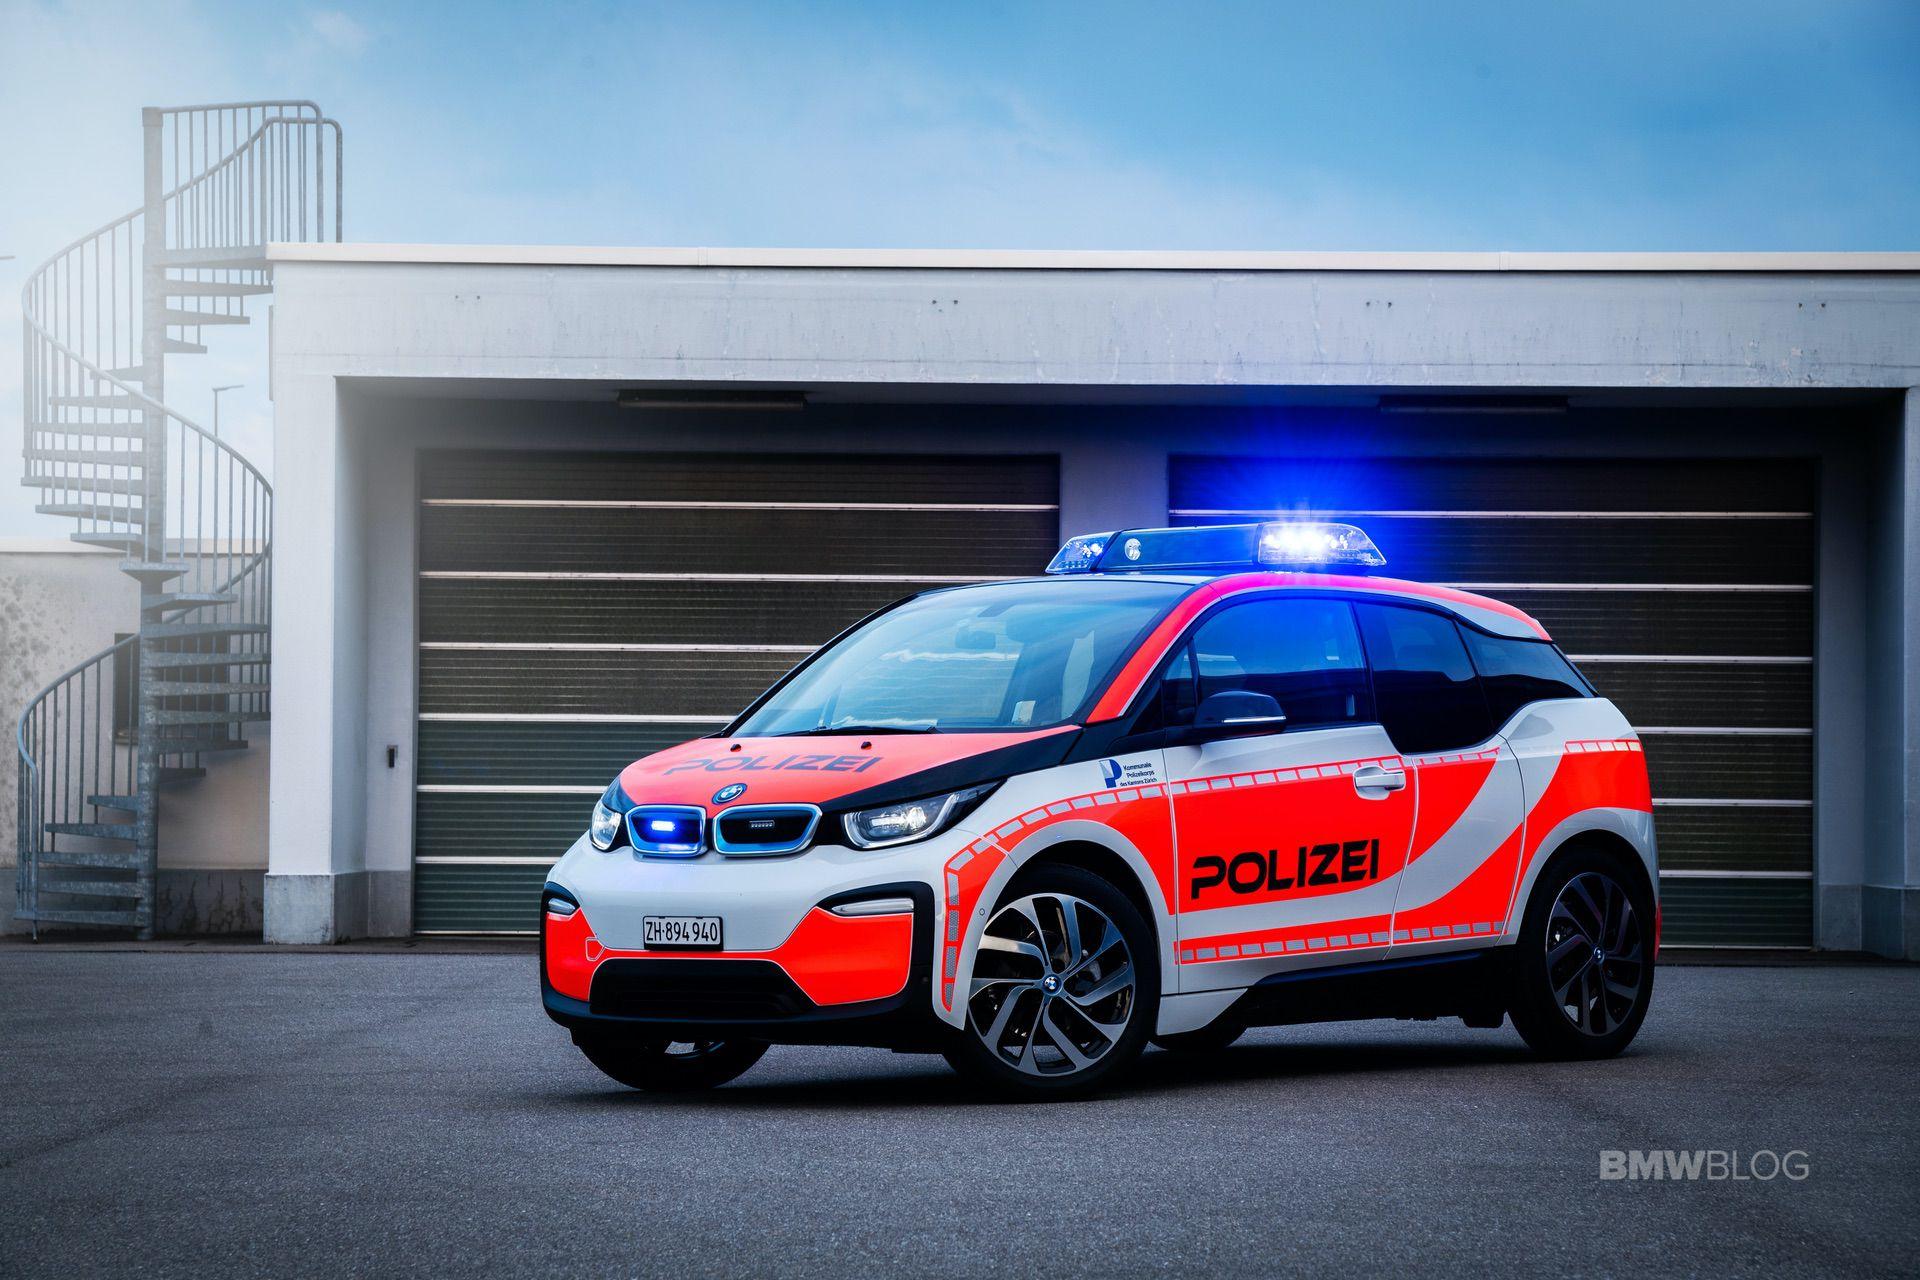 BMW i3 Zurich Police 02